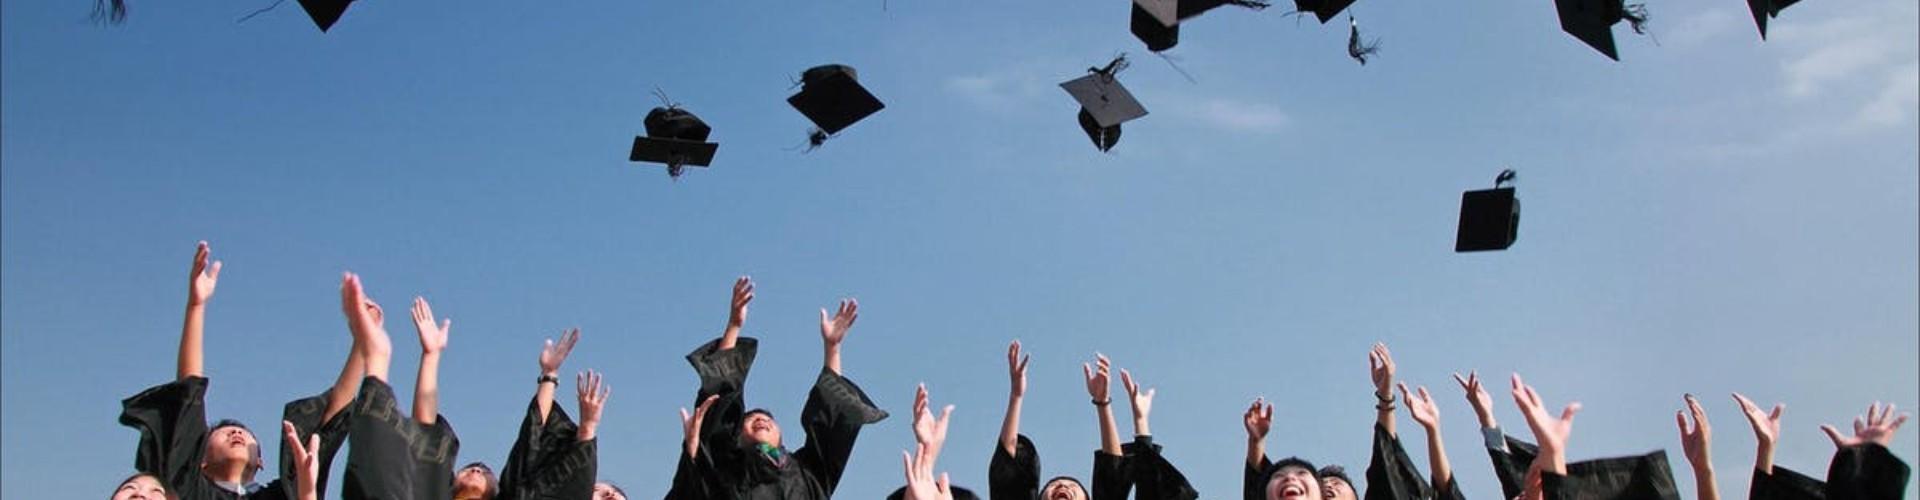 Czy wykształcenie wyższe w Stanach to strata pieniędzy? [Wywiad]